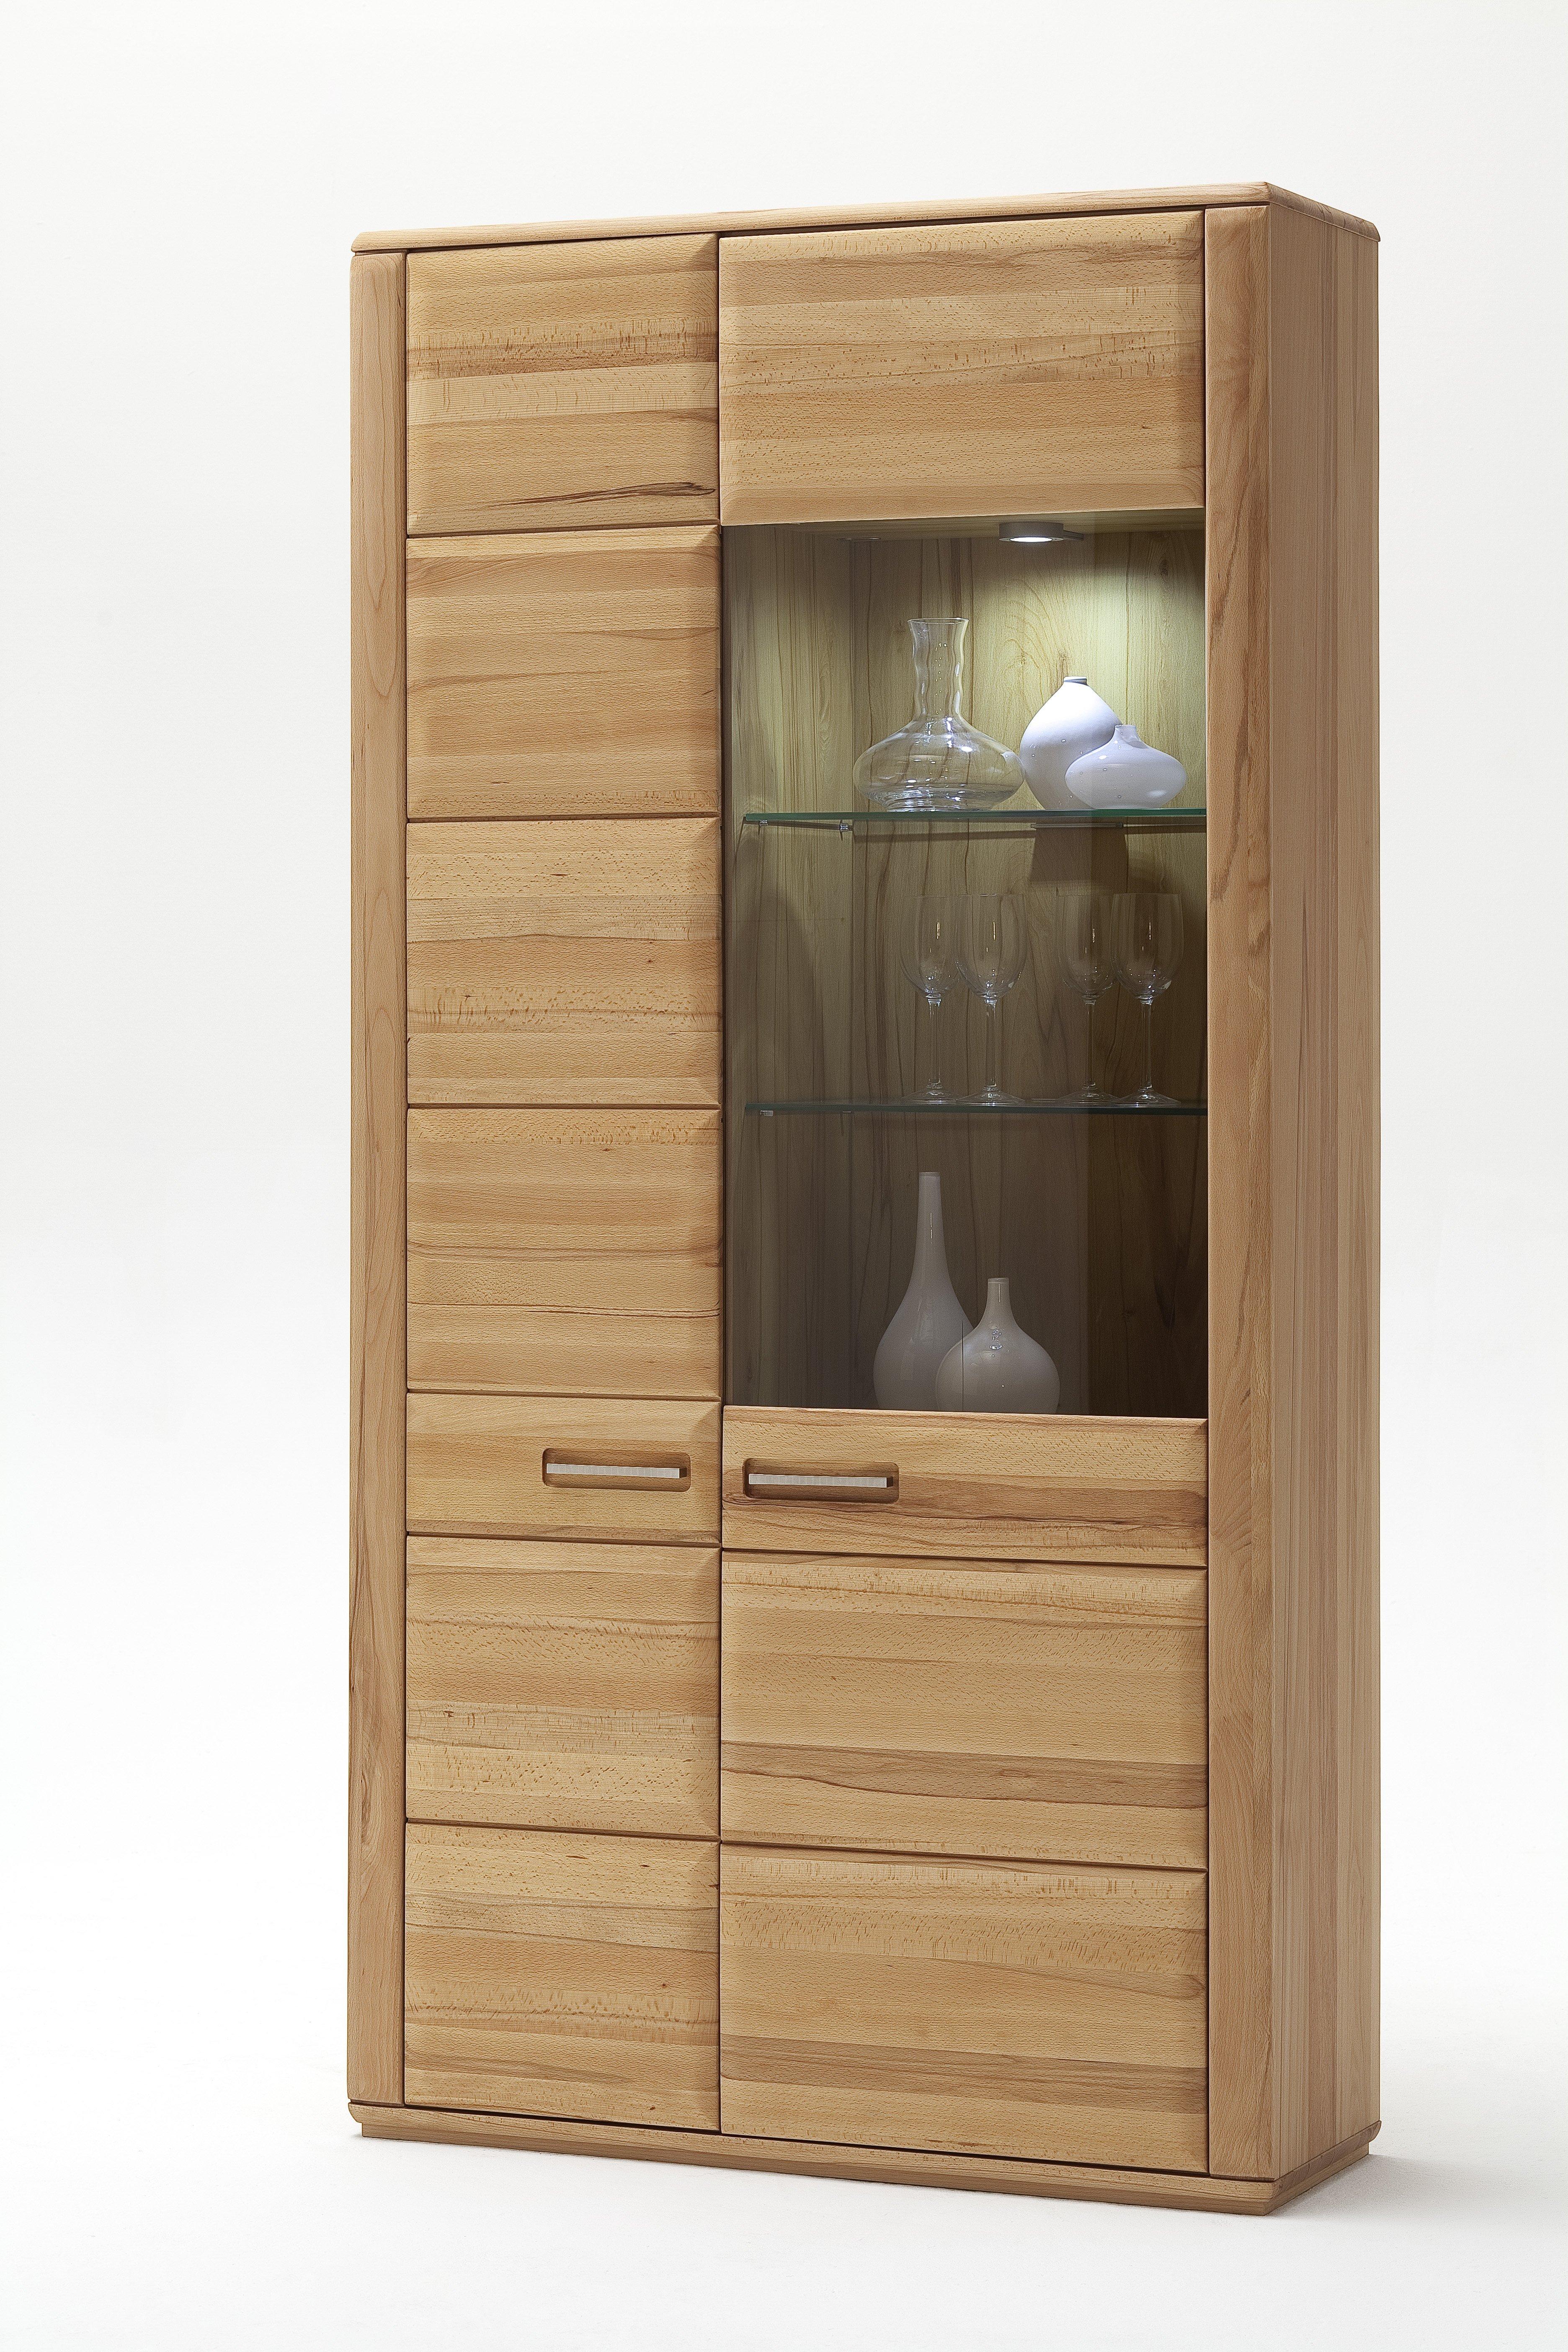 Kombi- Vitrine Sena T12 von MCA furniture